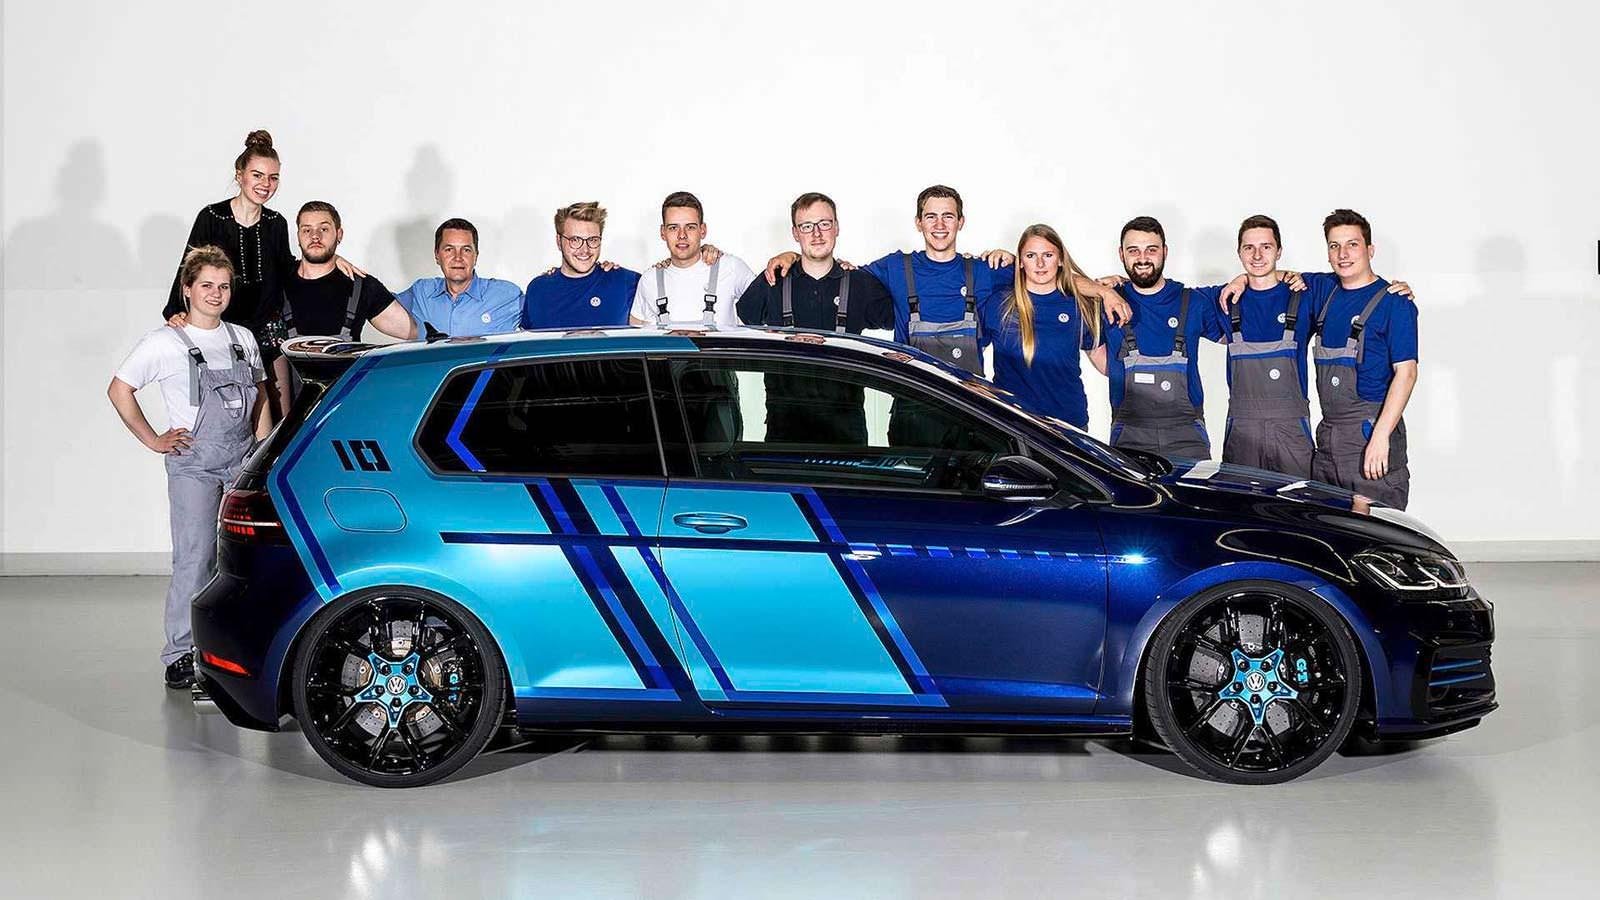 Стажёры VW в 2017 году: хэтчбек Golf GTI First Decade